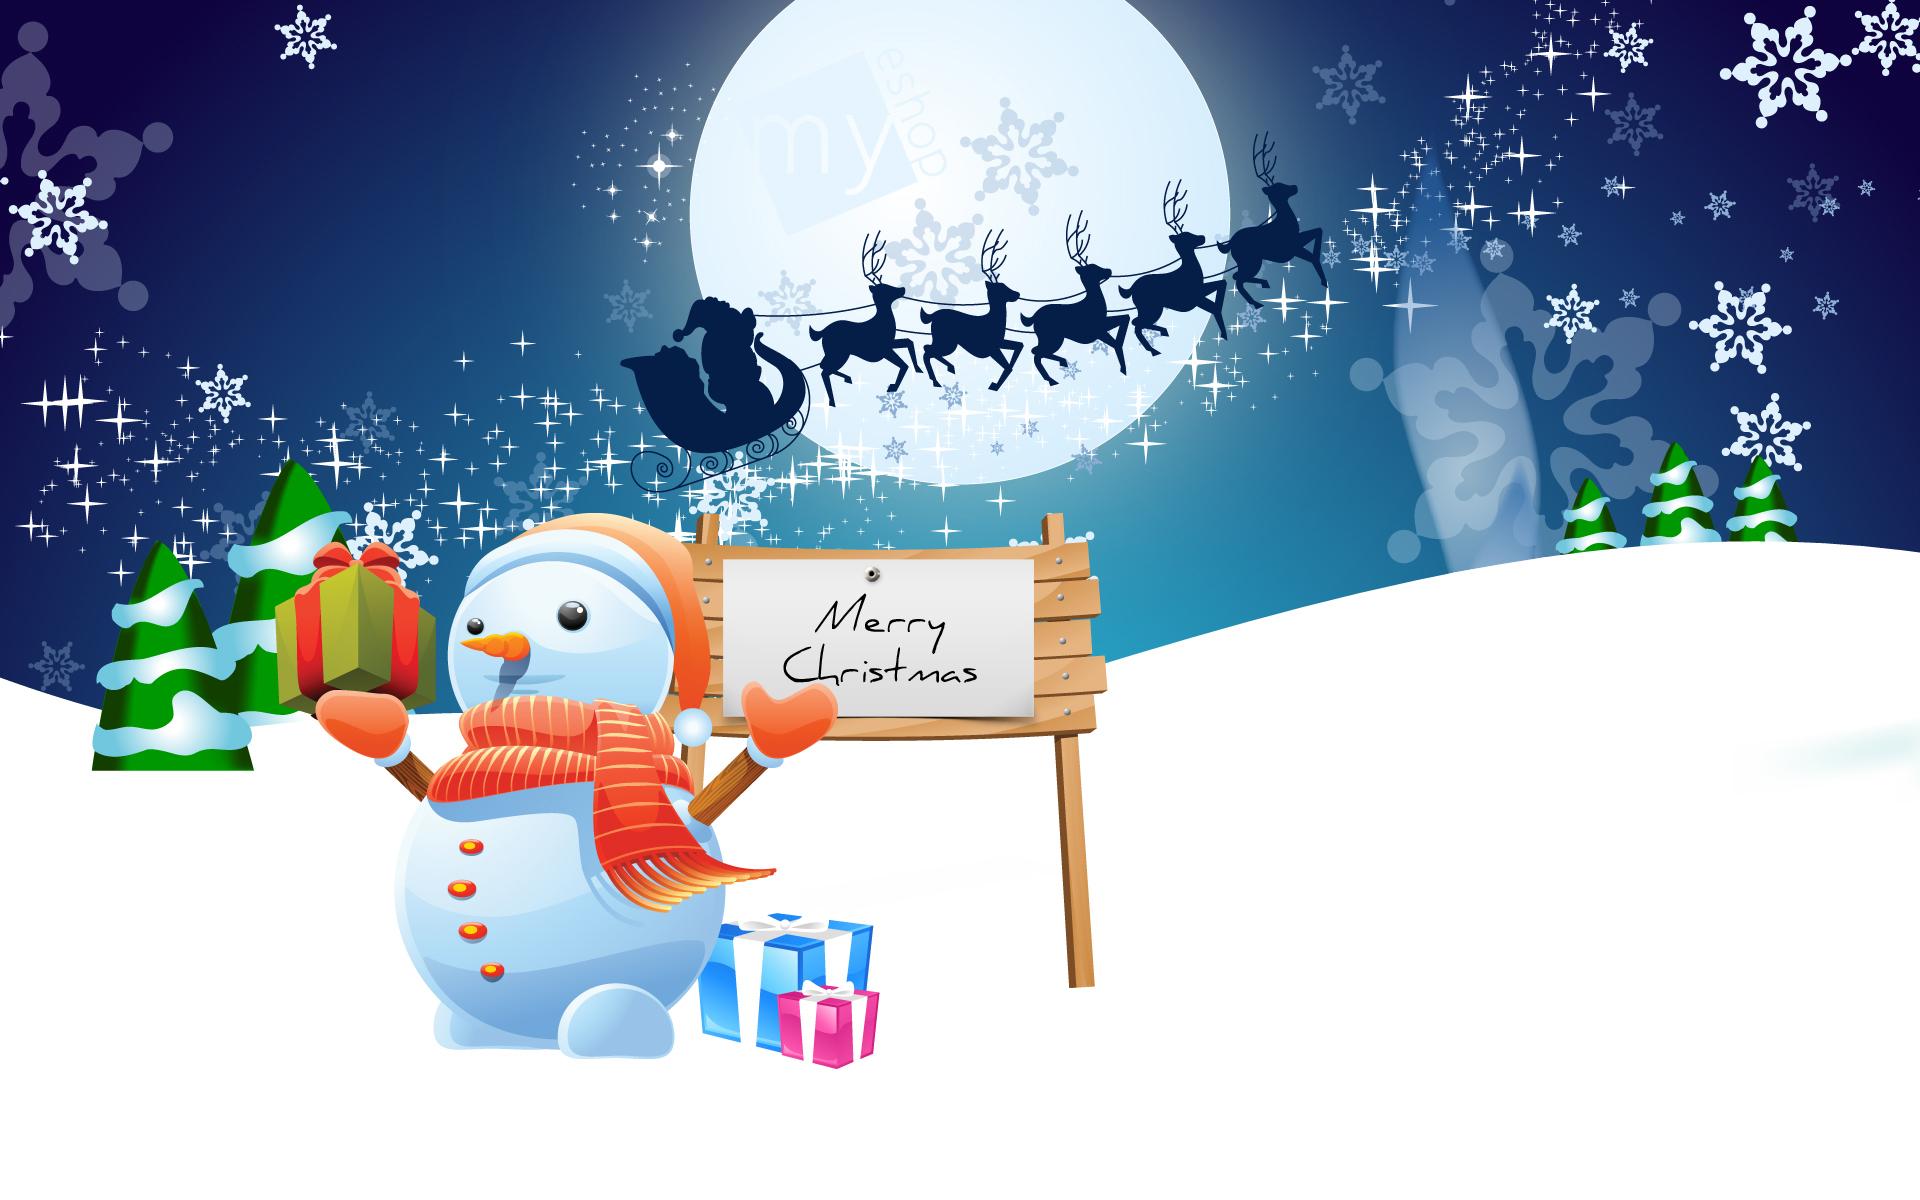 Счастливого Рождества - C Новым годом  2018 поздравительные картинки